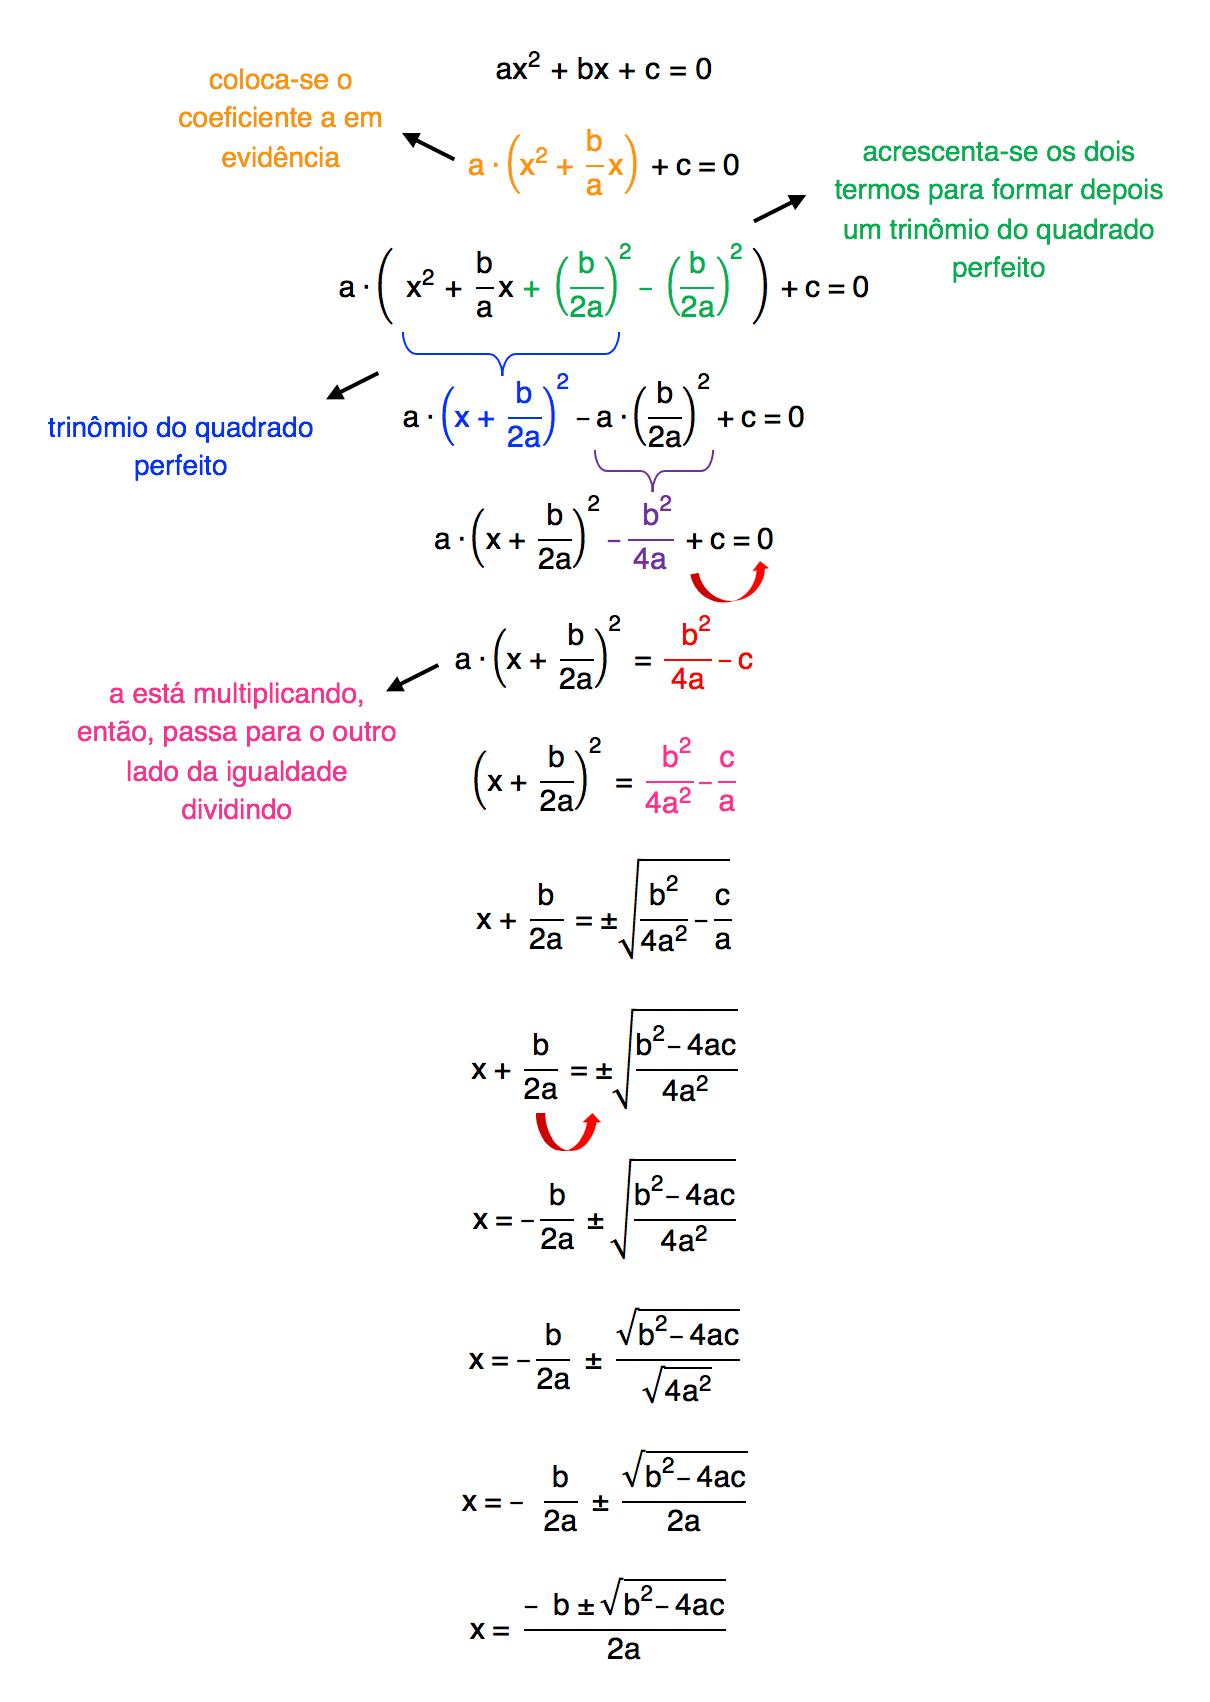 saindo de axˆ2 + bx + c = 0 chega-se a x = (-b ± √(bˆ2 -4ac))/2a através de artifícios matemáticos